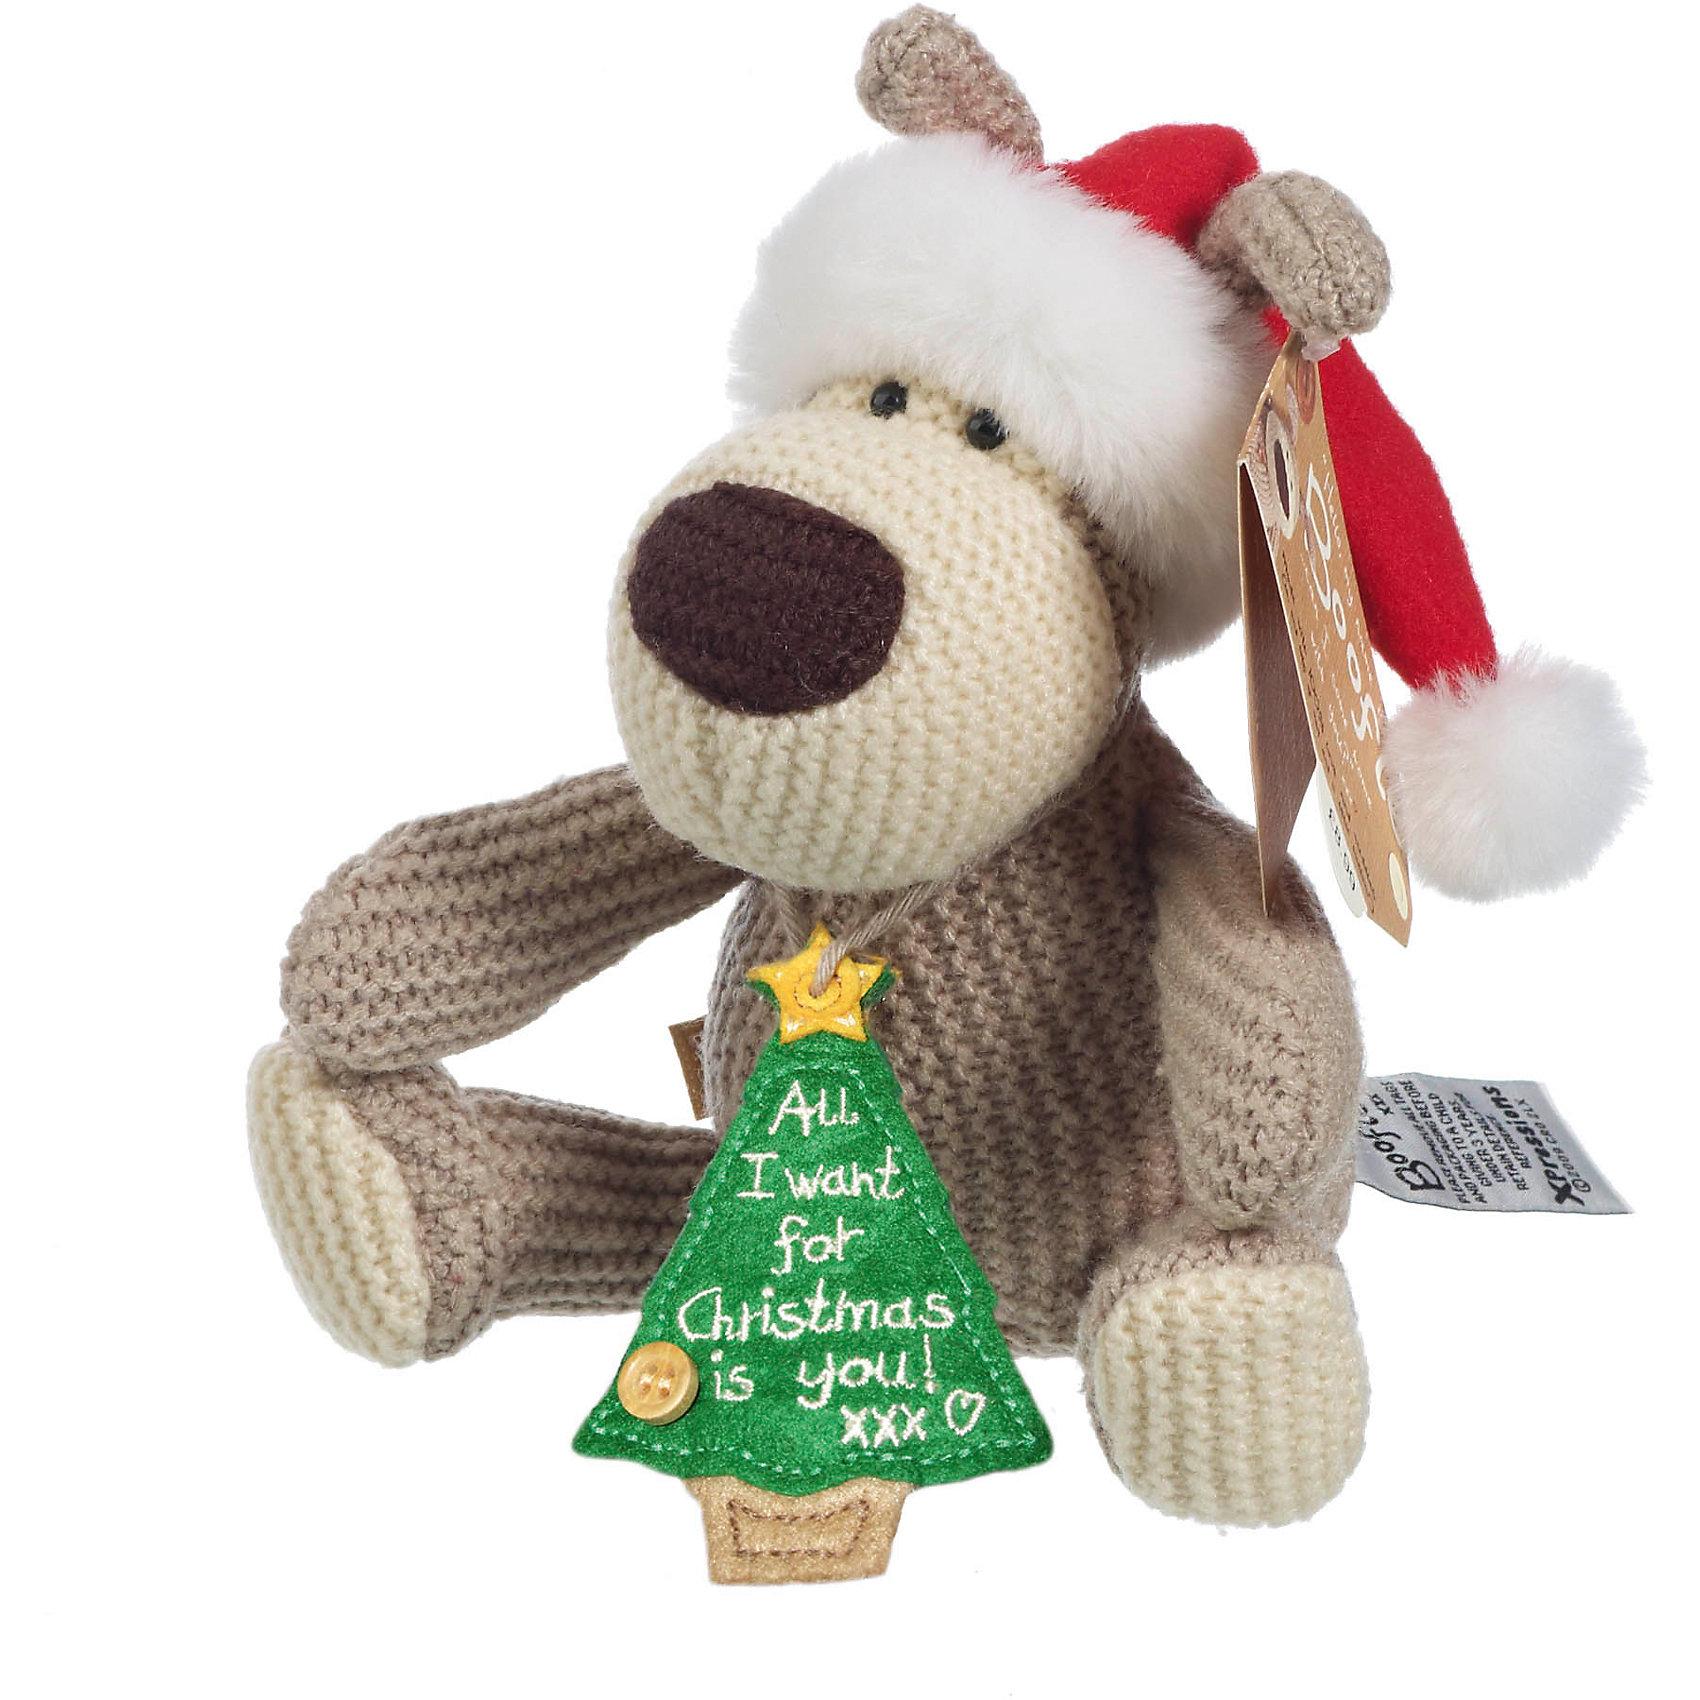 Собачка, 28 см, BoofleСобачка, 28 см, Boofle.<br><br>Характеристики:<br><br>- Размер: 28 см.<br>- Материал: текстиль<br><br>Симпатяга Буффи в колпаке Санты с подвеской елочкой станет отличным подарком на Рождество и Новый год. Добрая мордочка Буффи несомненно вызовет улыбку и поднимет настроение. Ведь 100 % любви, теплая шерсть и одна маленькая пуговка, из которых сделан этот персонаж, никого не оставят равнодушным!<br><br>Собачку, 28 см, Boofle можно купить в нашем интернет-магазине.<br><br>Ширина мм: 110<br>Глубина мм: 80<br>Высота мм: 280<br>Вес г: 320<br>Возраст от месяцев: 36<br>Возраст до месяцев: 2147483647<br>Пол: Унисекс<br>Возраст: Детский<br>SKU: 5119974